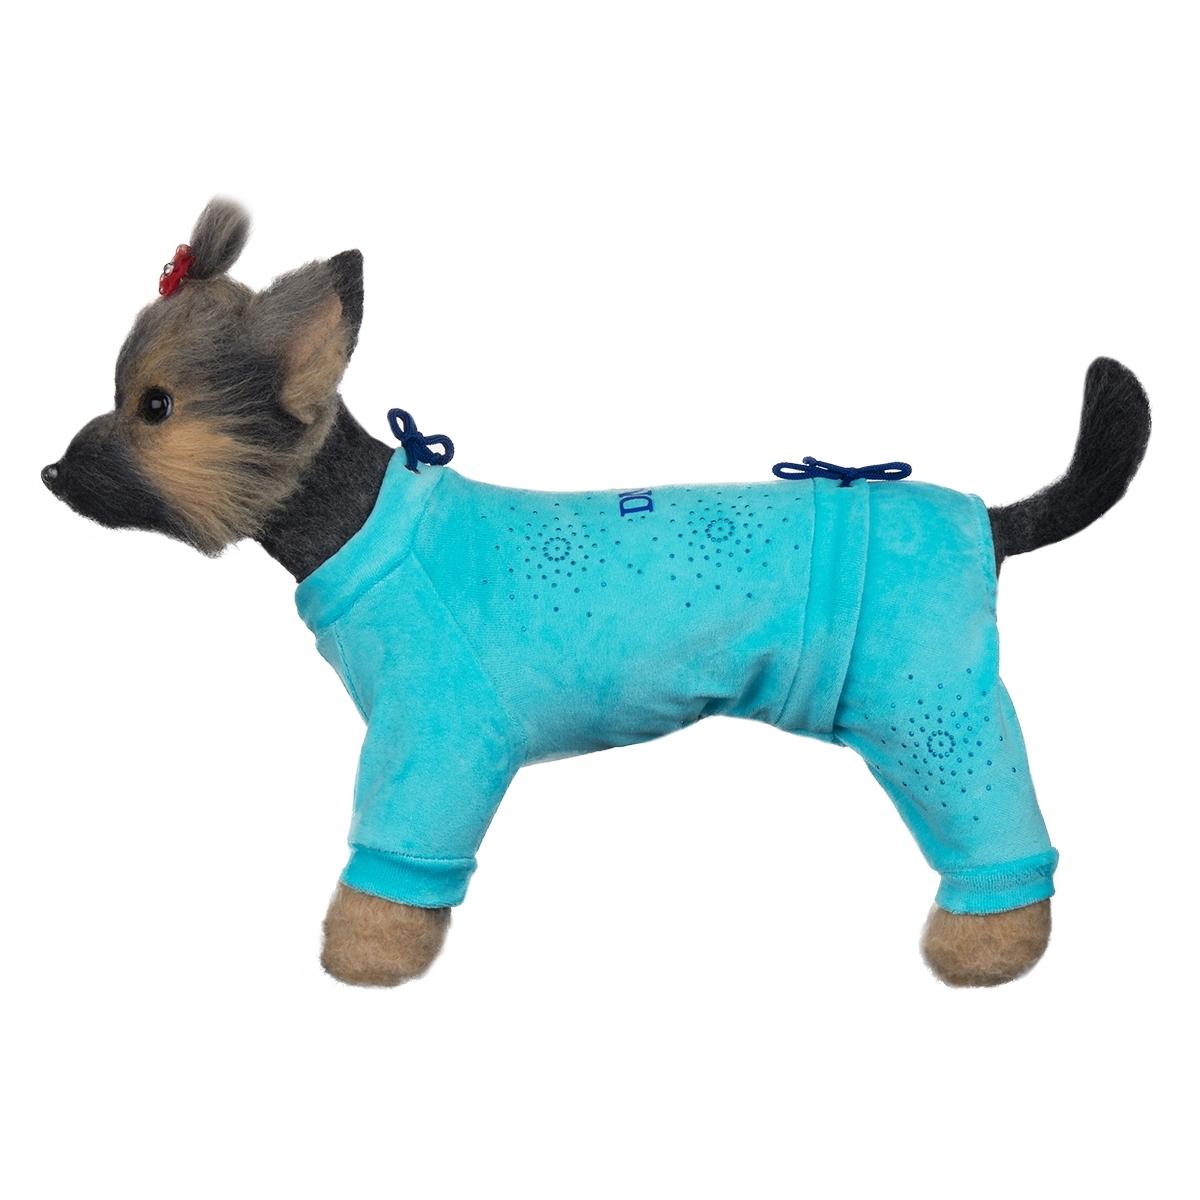 Комбинезон для собак Dogmoda Галактика, цвет: голубой. Размер 3 (L) комбинезон для собак dogmoda doggs зимний для девочки цвет фиолетовый размер xxl